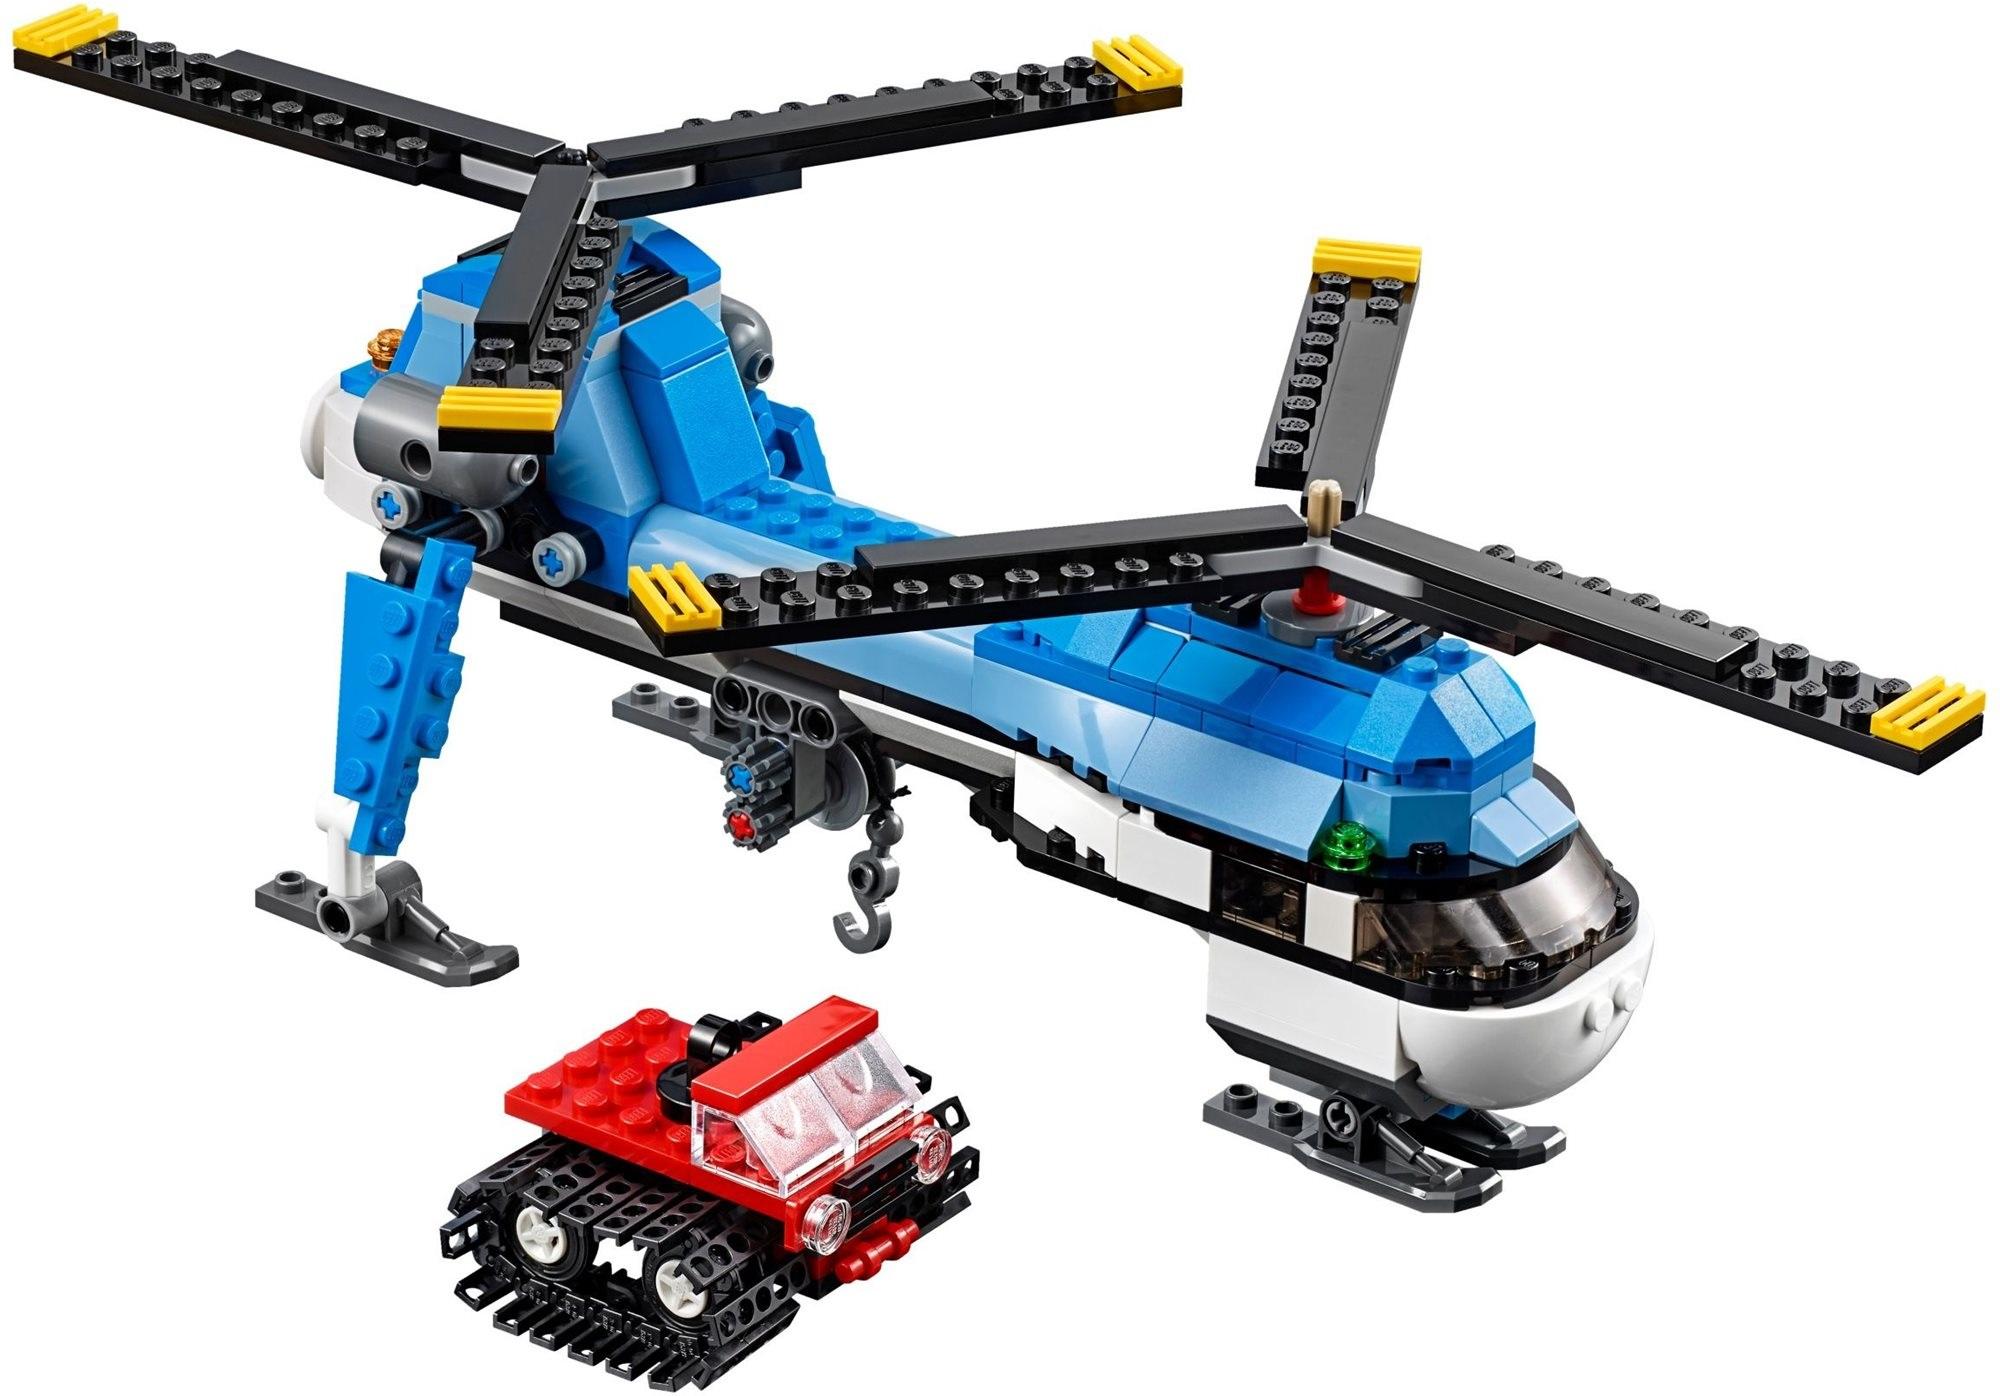 LEGO Creator - vrtulník se dvěma vrtulemi